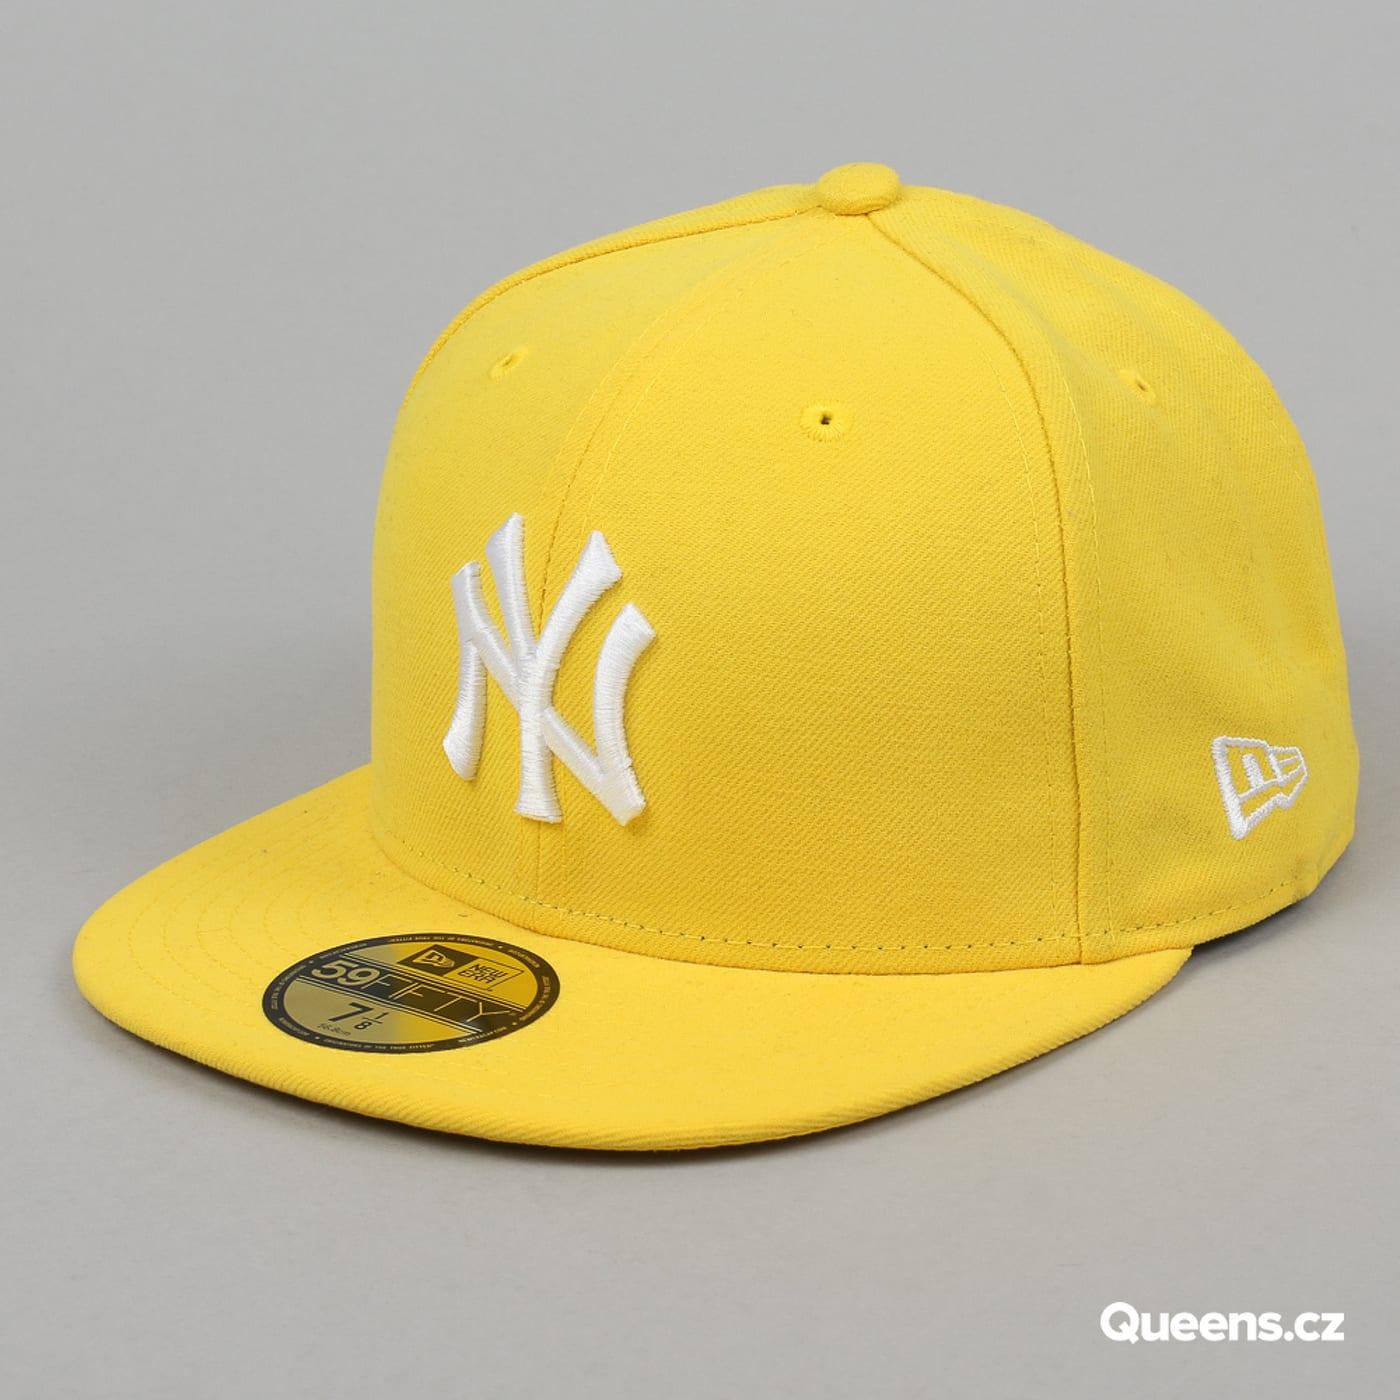 New Era MLB Basic NY gelb / weiß